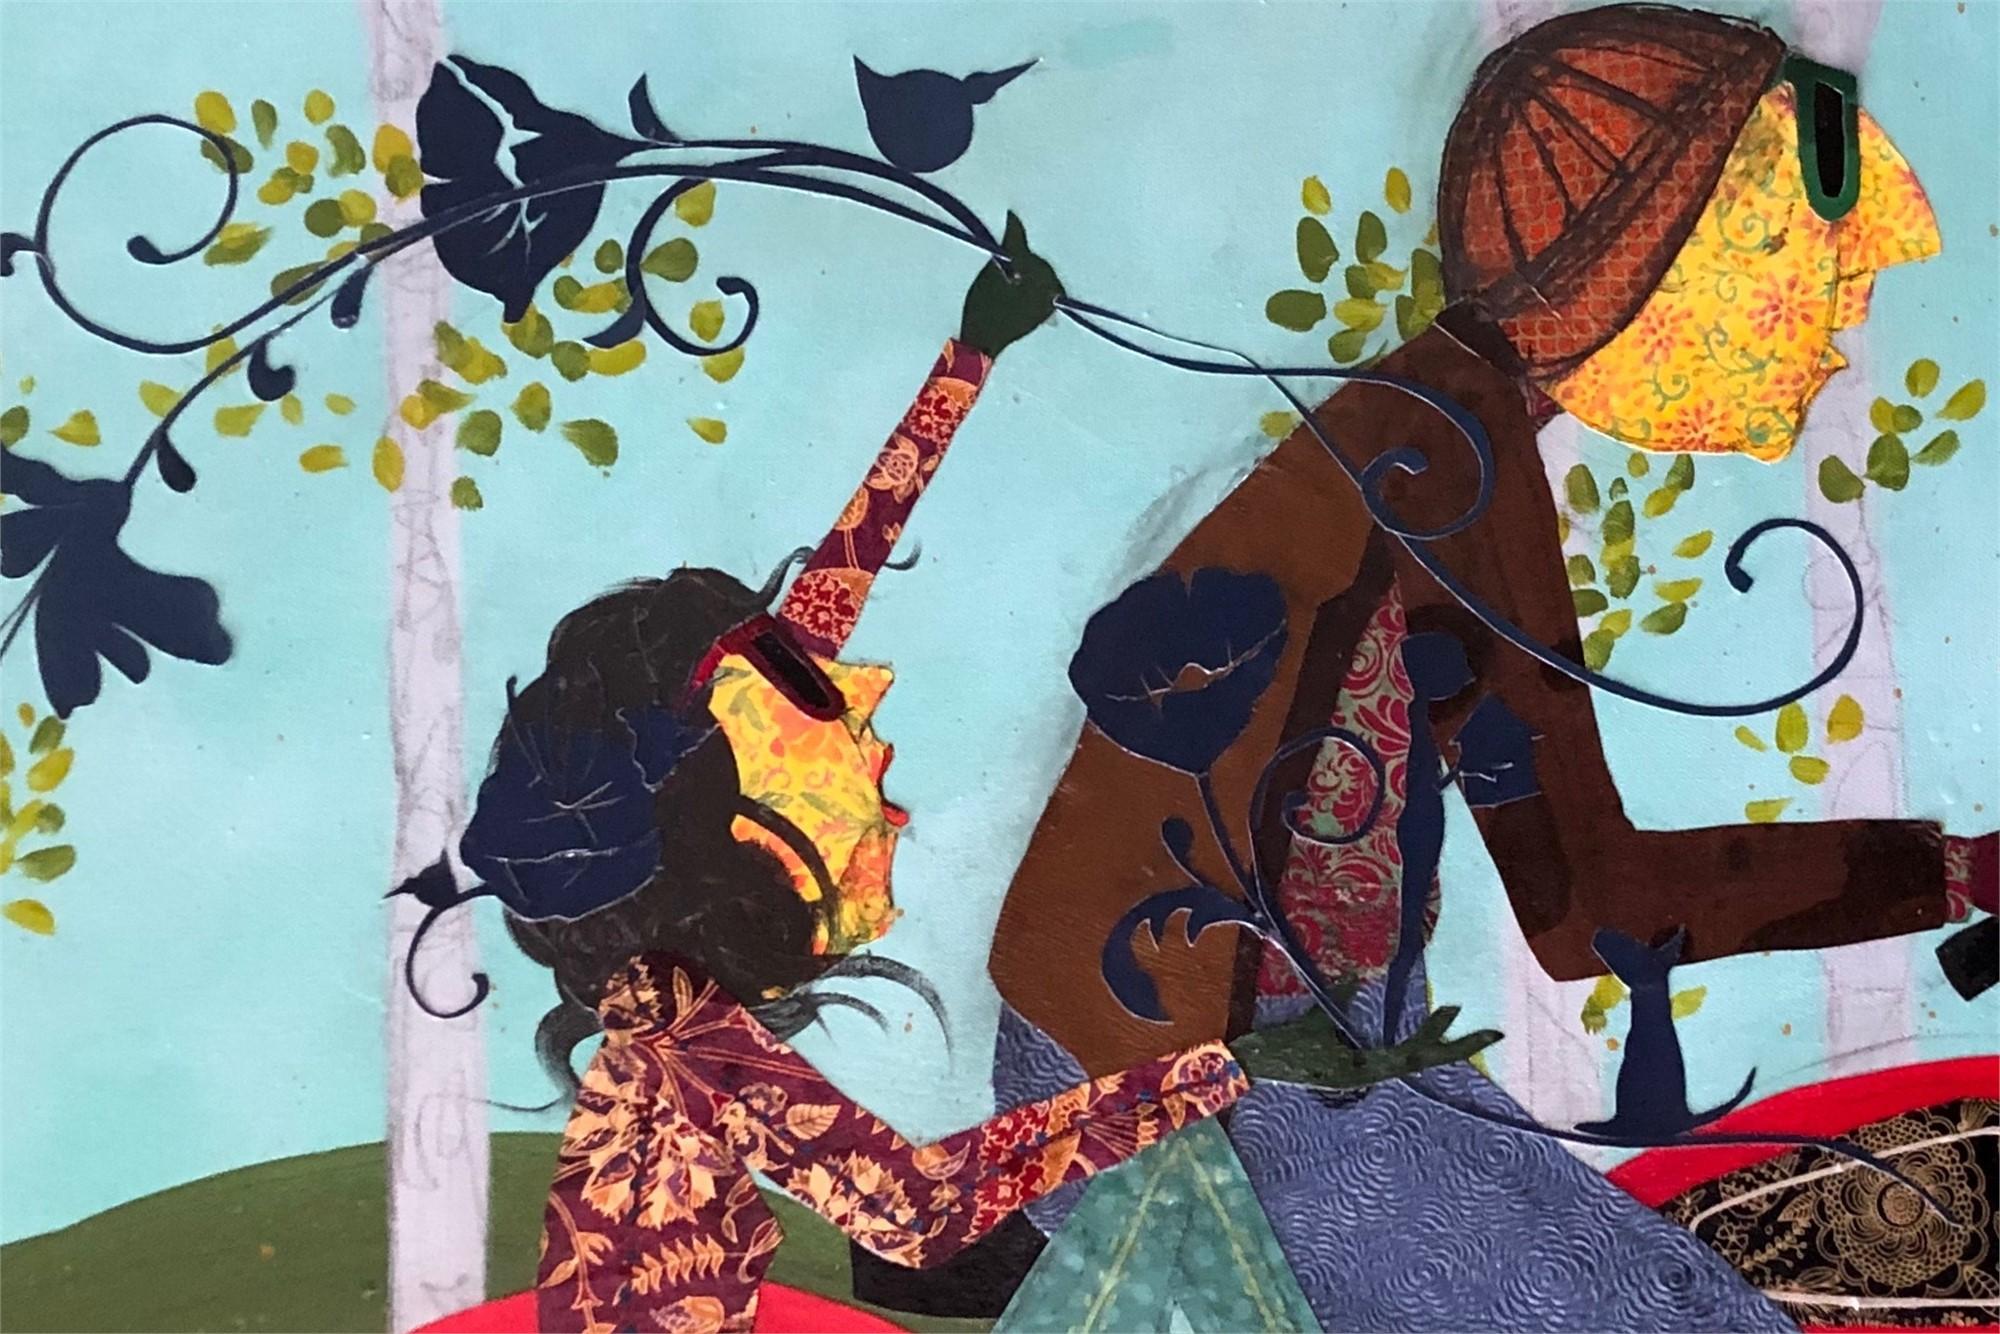 Vers L'Avant by Denise Duong